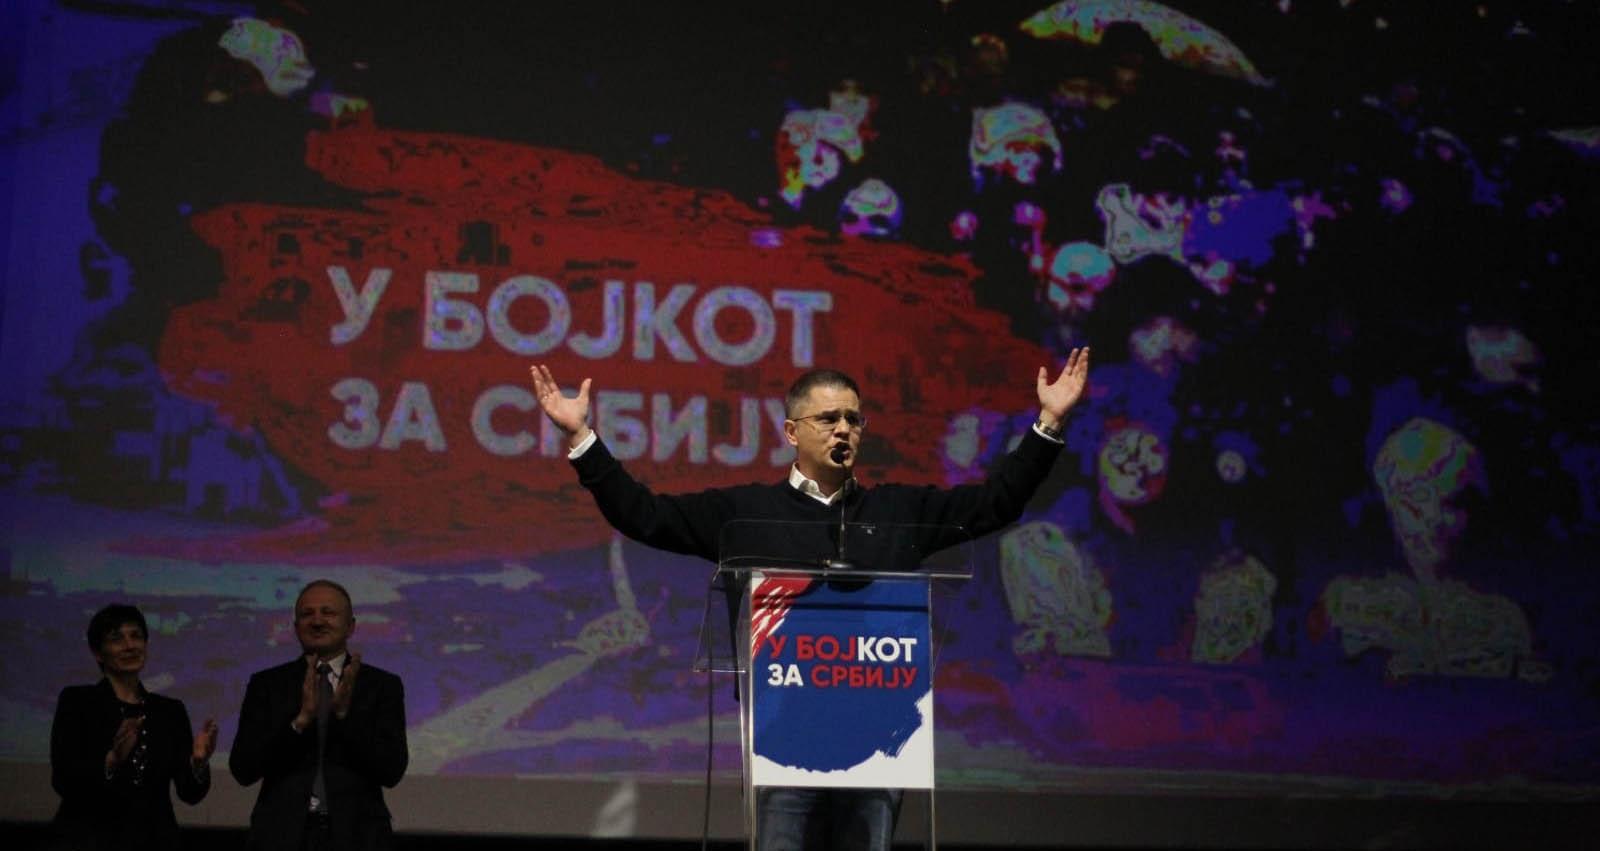 Јеремић на митингу опозиције: Победићемо ако останемо јединствени, ко изда…